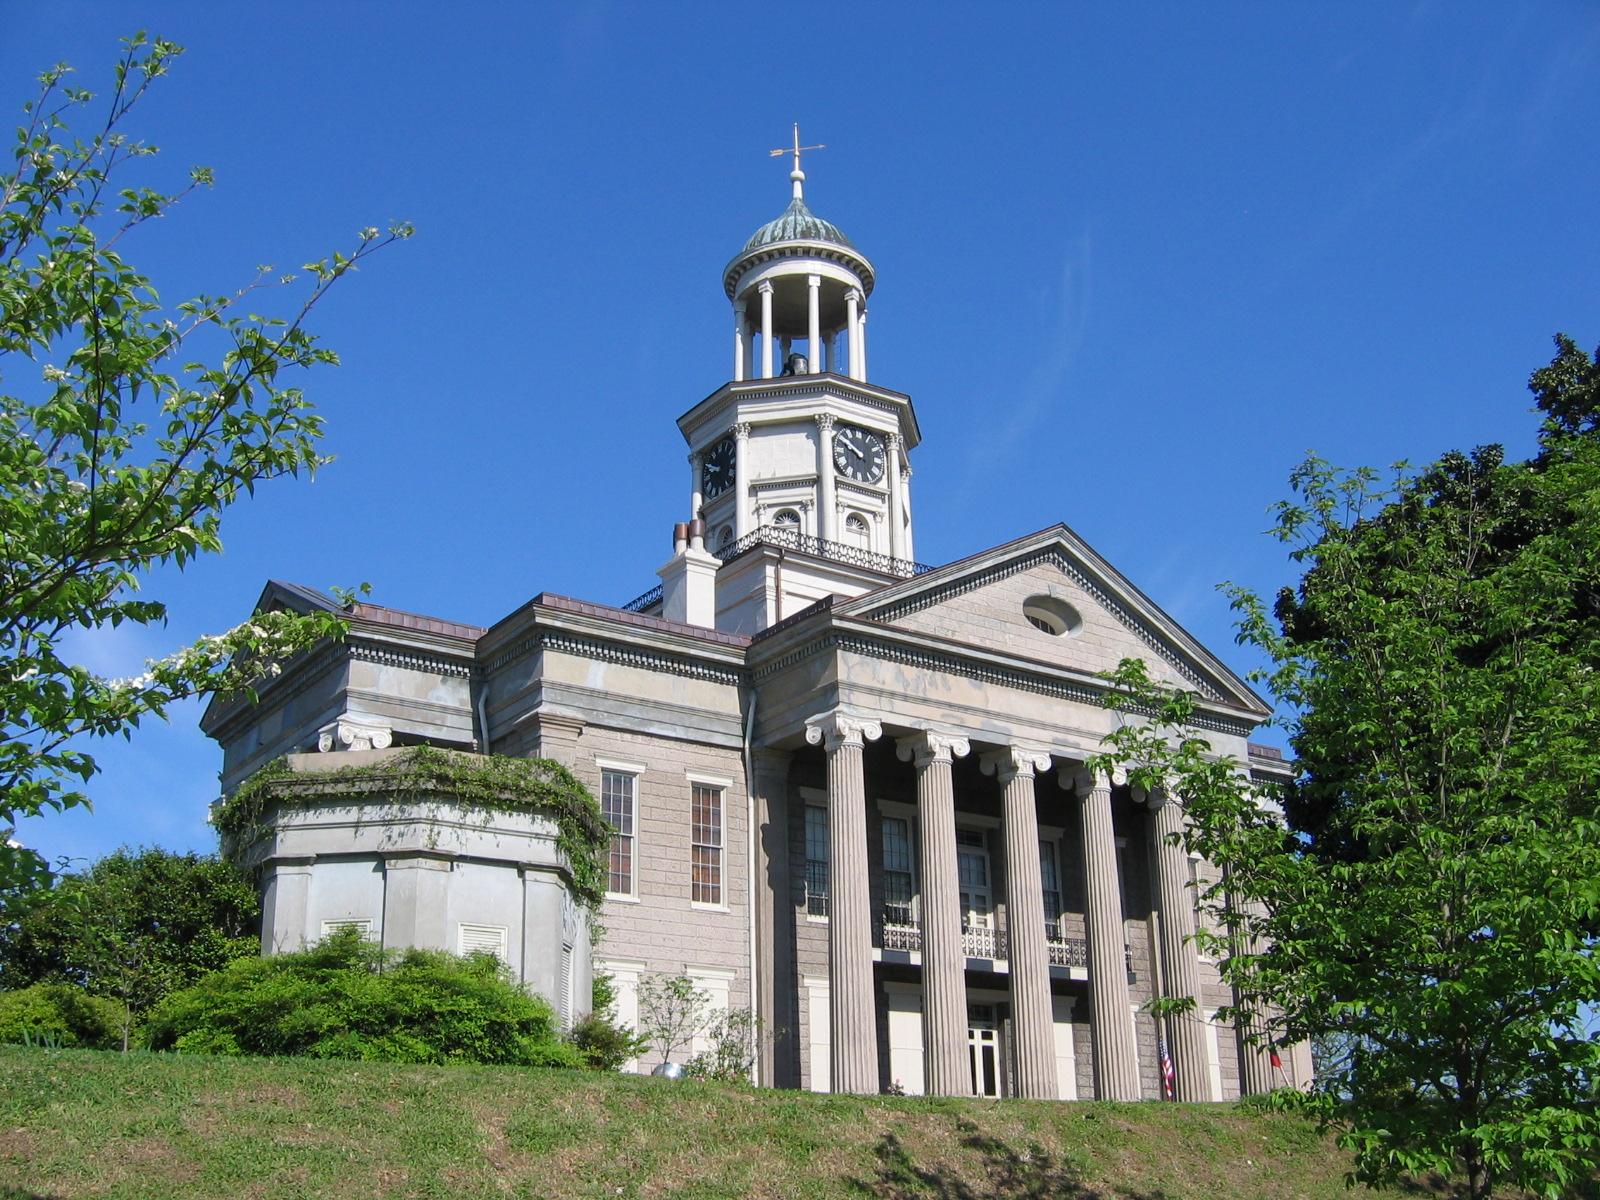 Eine Stadt mit vielen historischen Gebäuden, hier das Country Court House